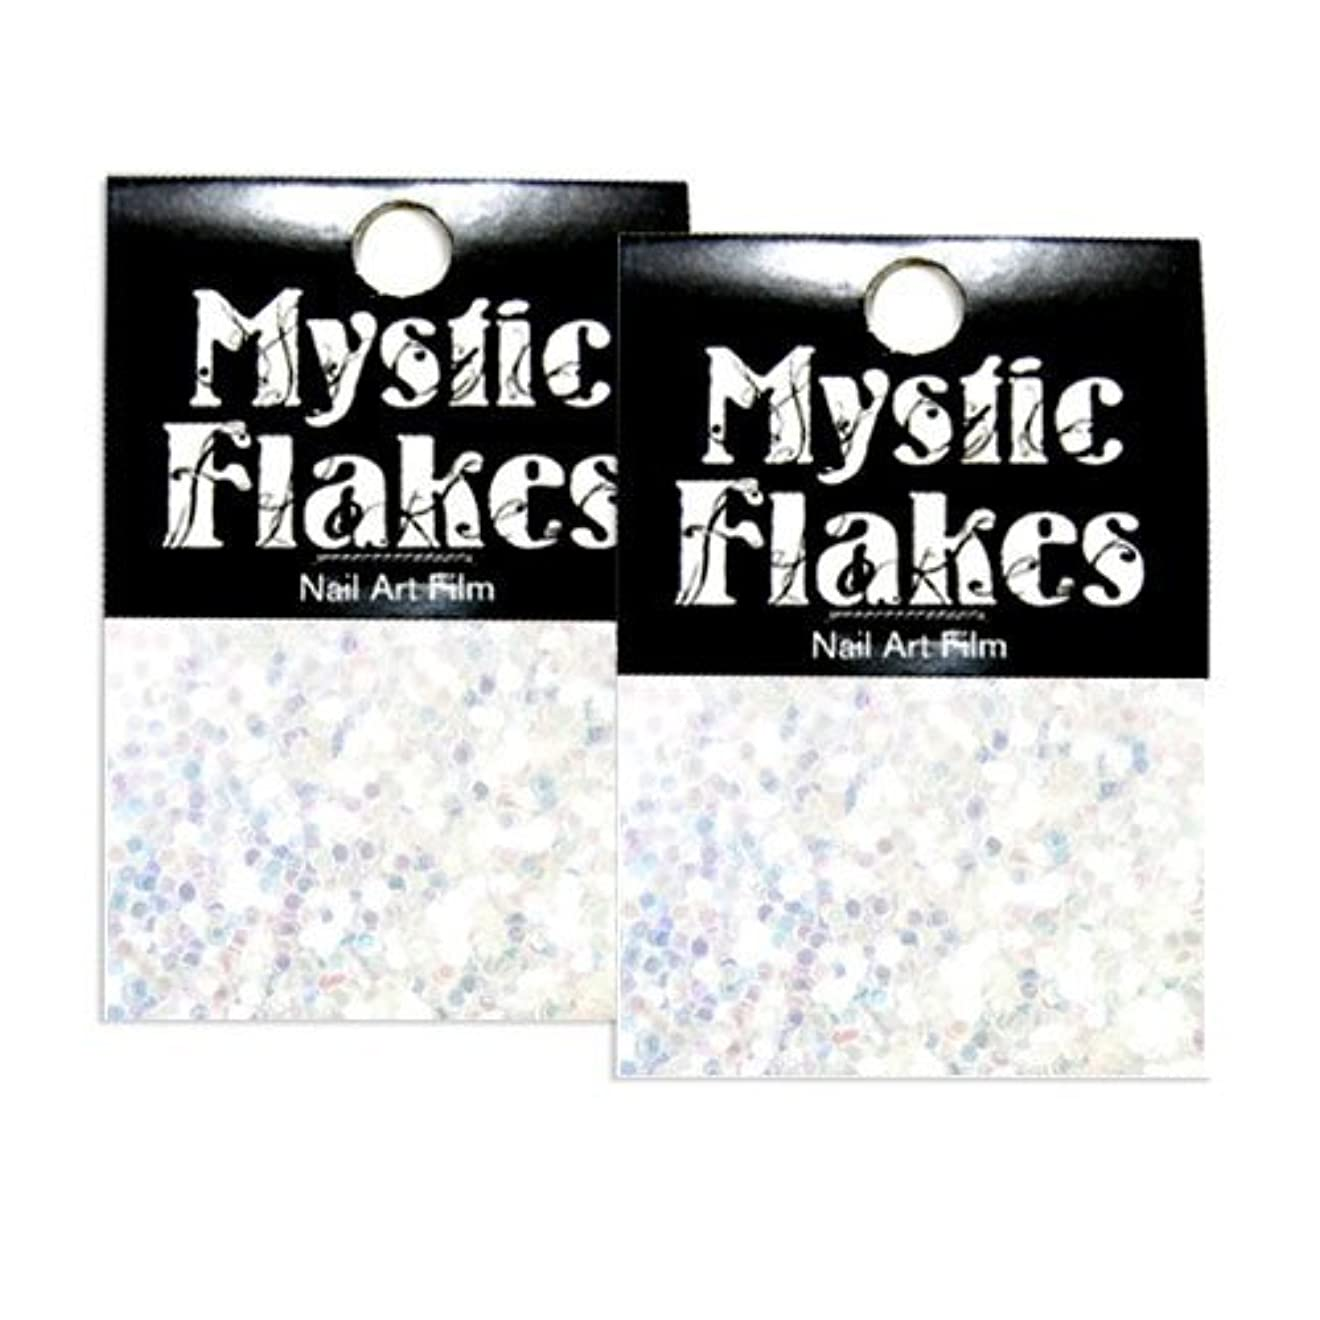 カート喜びマイクミスティックフレース ネイル用ストーン オーロラホワイト ヘキサゴン 1mm 0.5g 2個セット